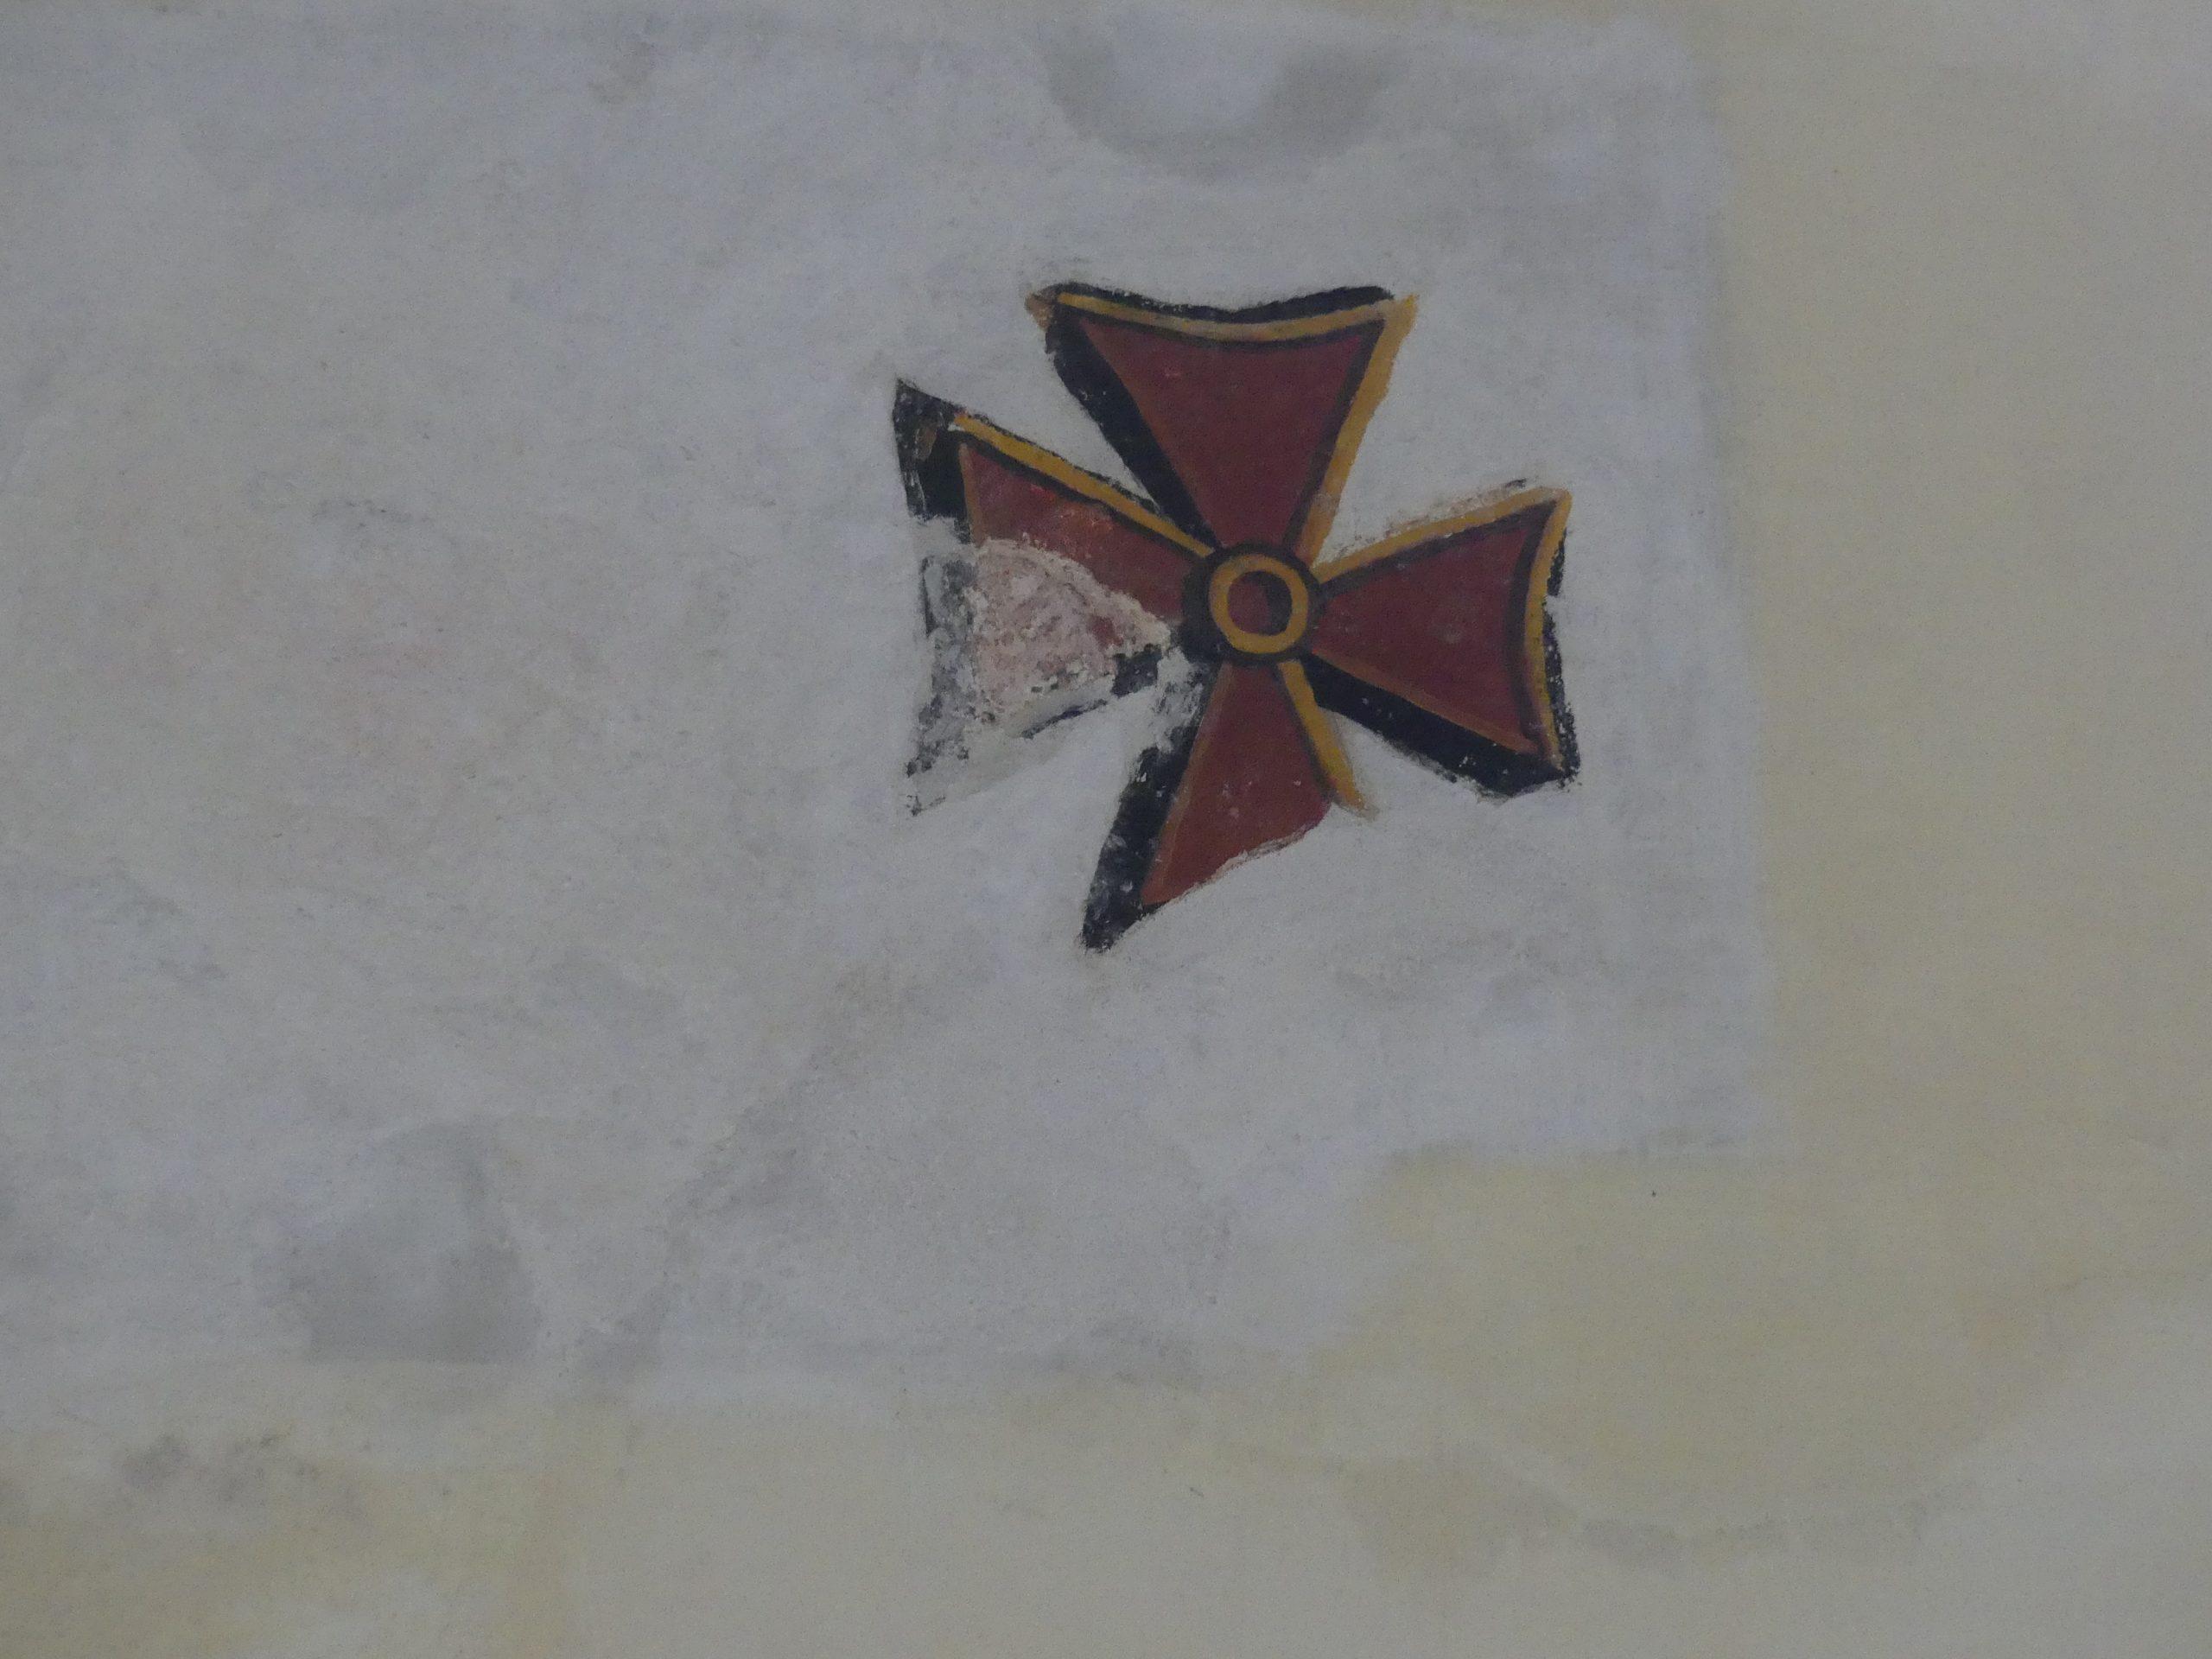 Ars - Eglise - Croix de consécration - 26 novembre 2019